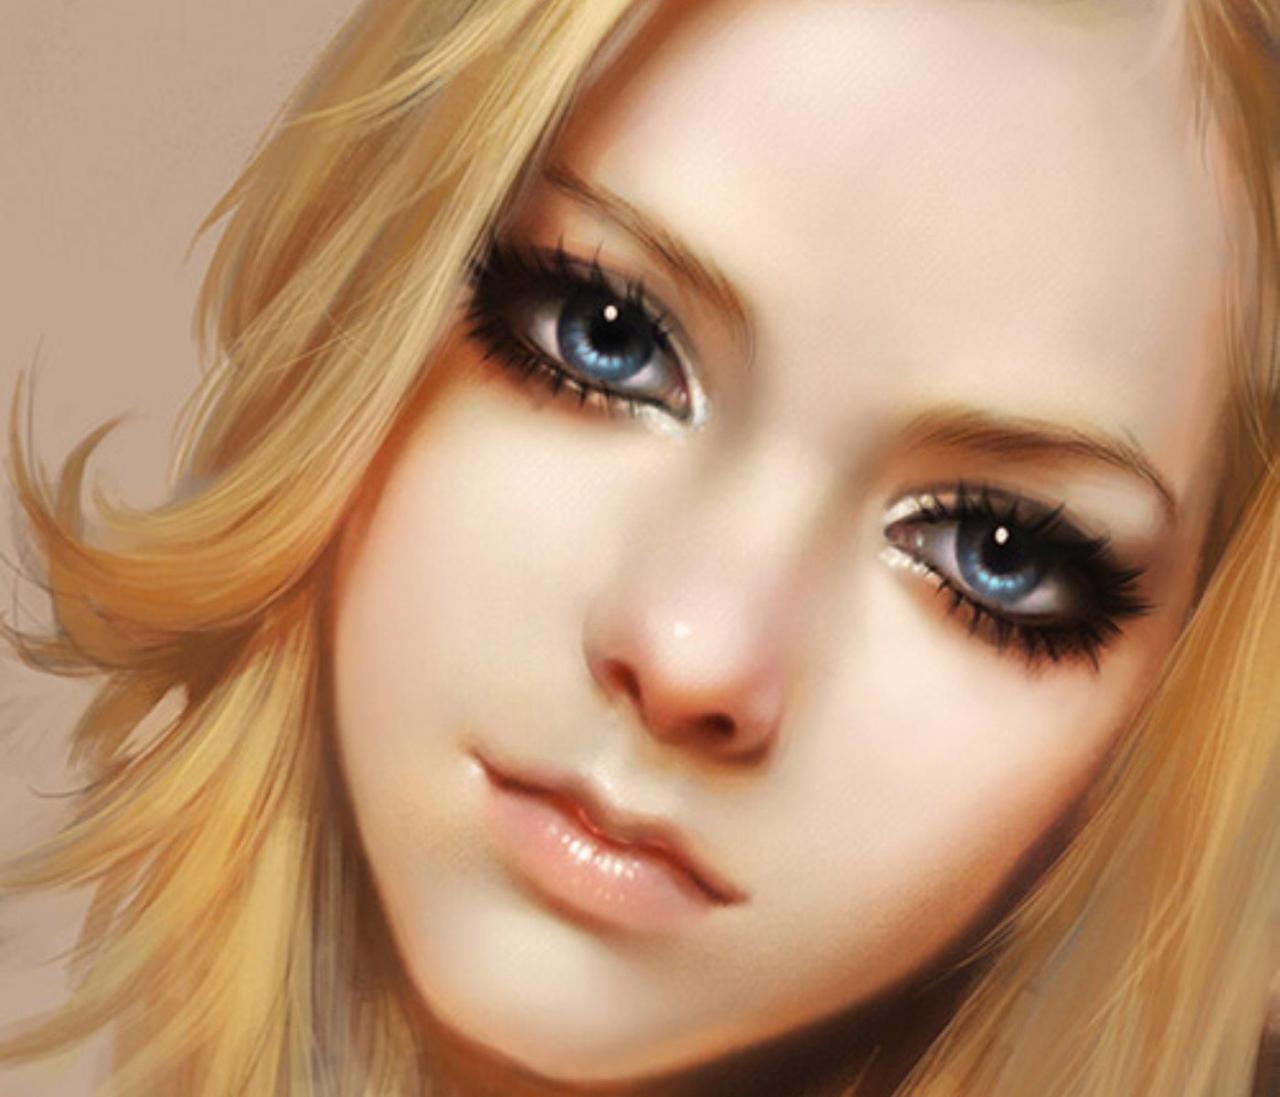 صورة عيون نساء جميلات 12979 7